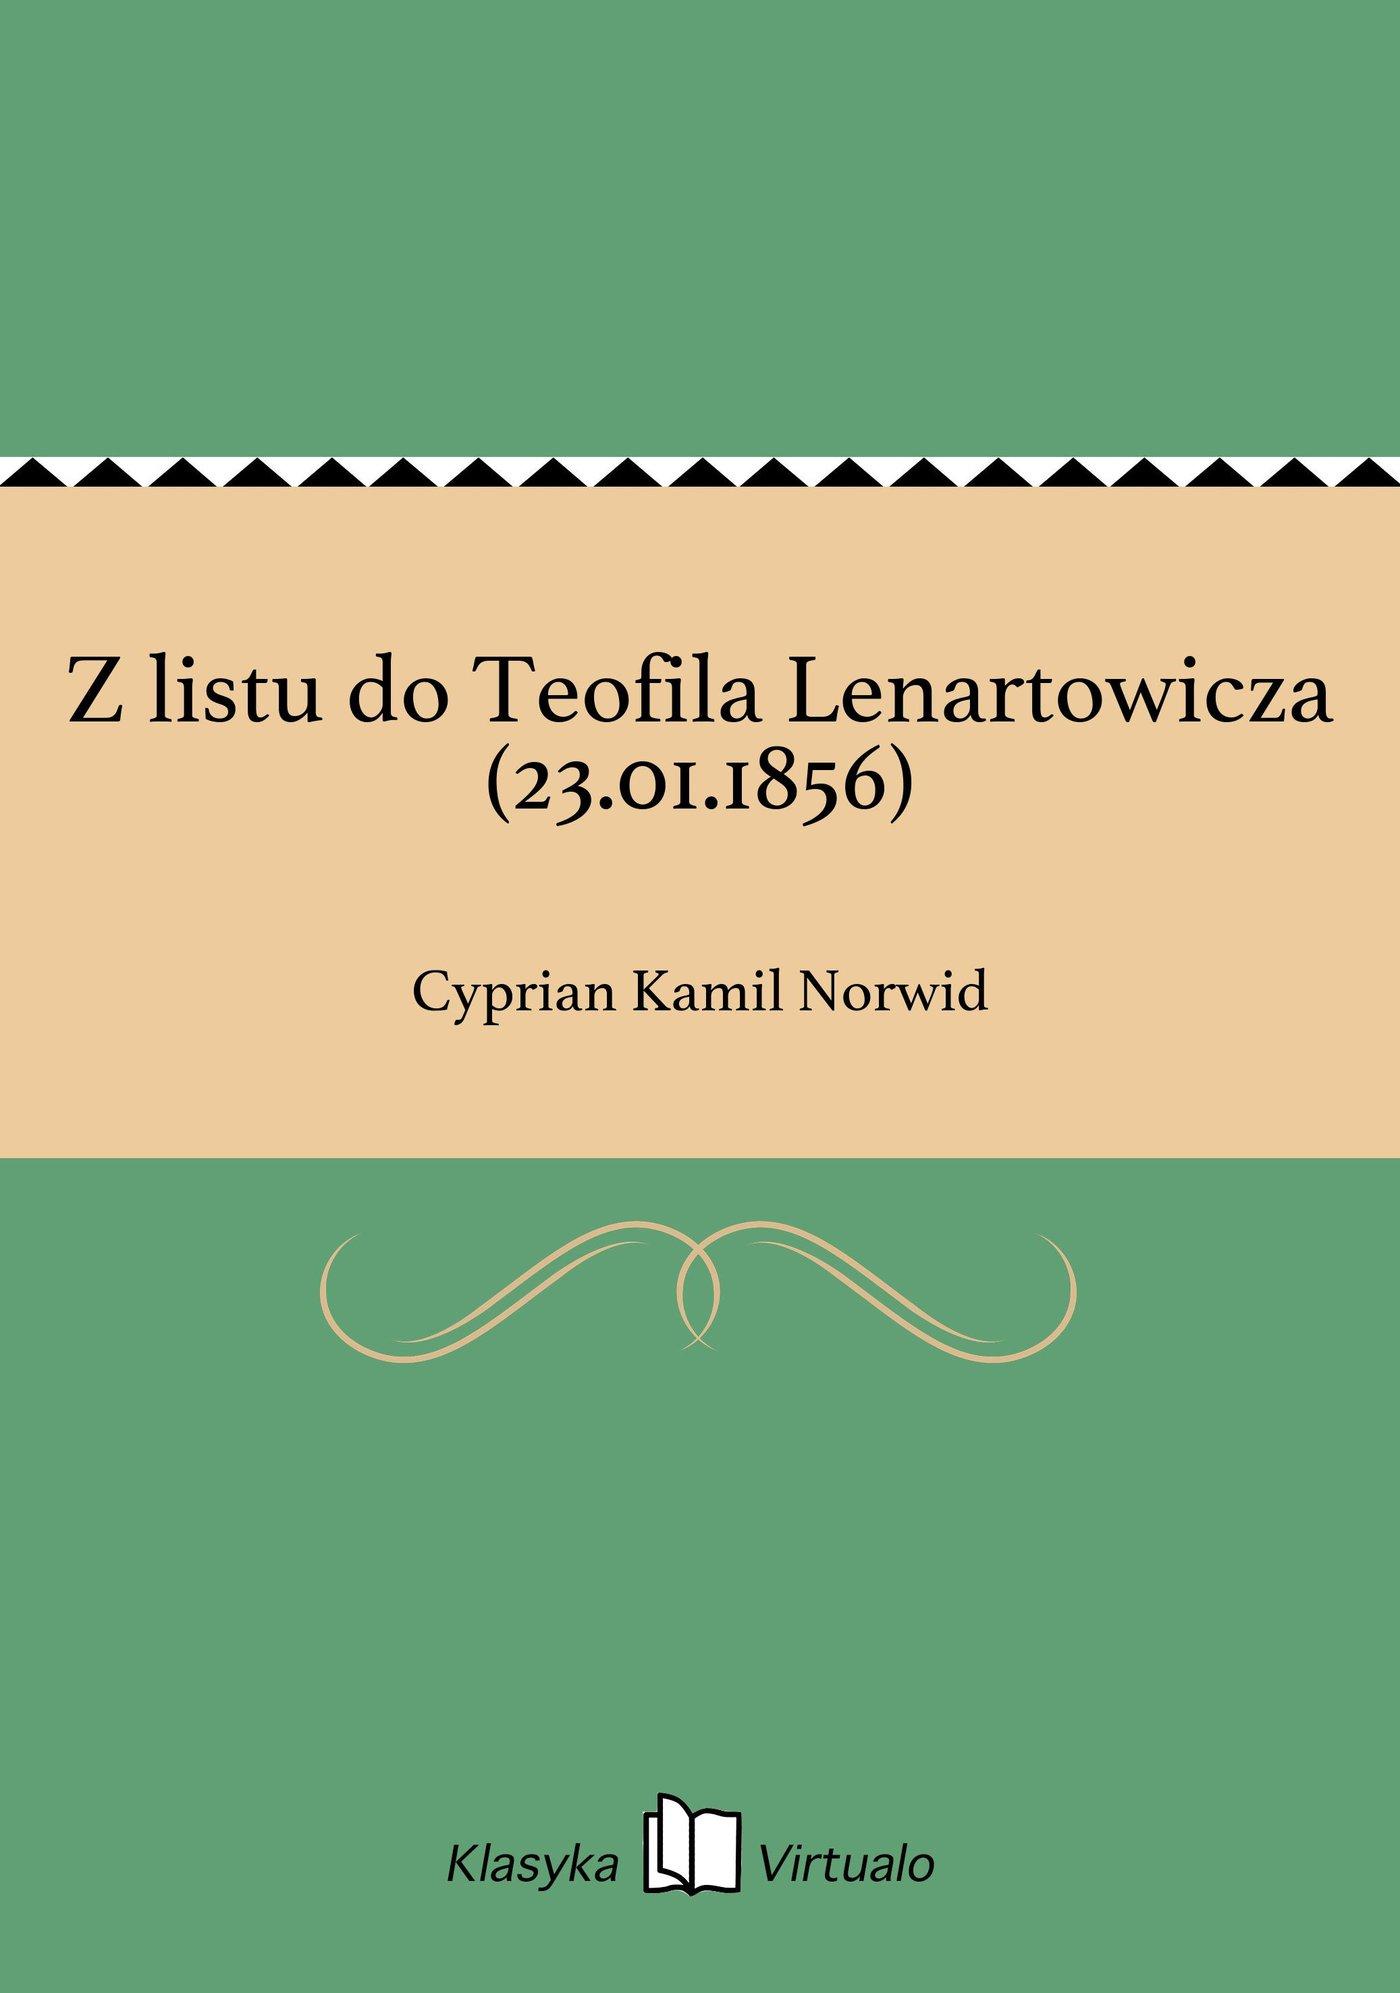 Z listu do Teofila Lenartowicza (23.01.1856) - Ebook (Książka na Kindle) do pobrania w formacie MOBI